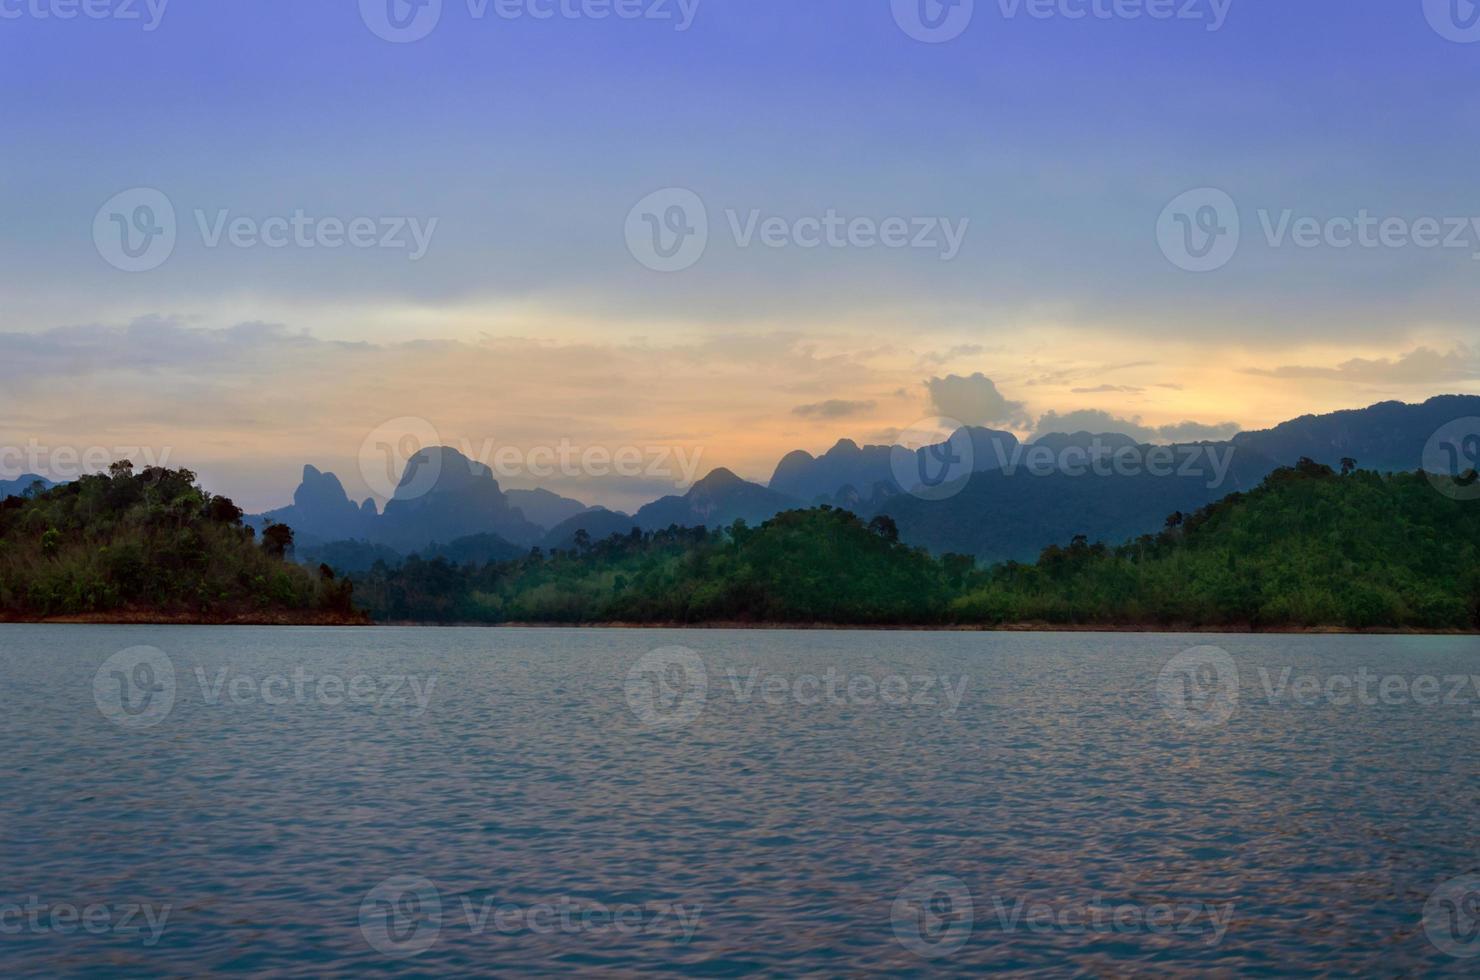 montagne e attrazioni naturali fluviali digchaprapha dam, surat foto